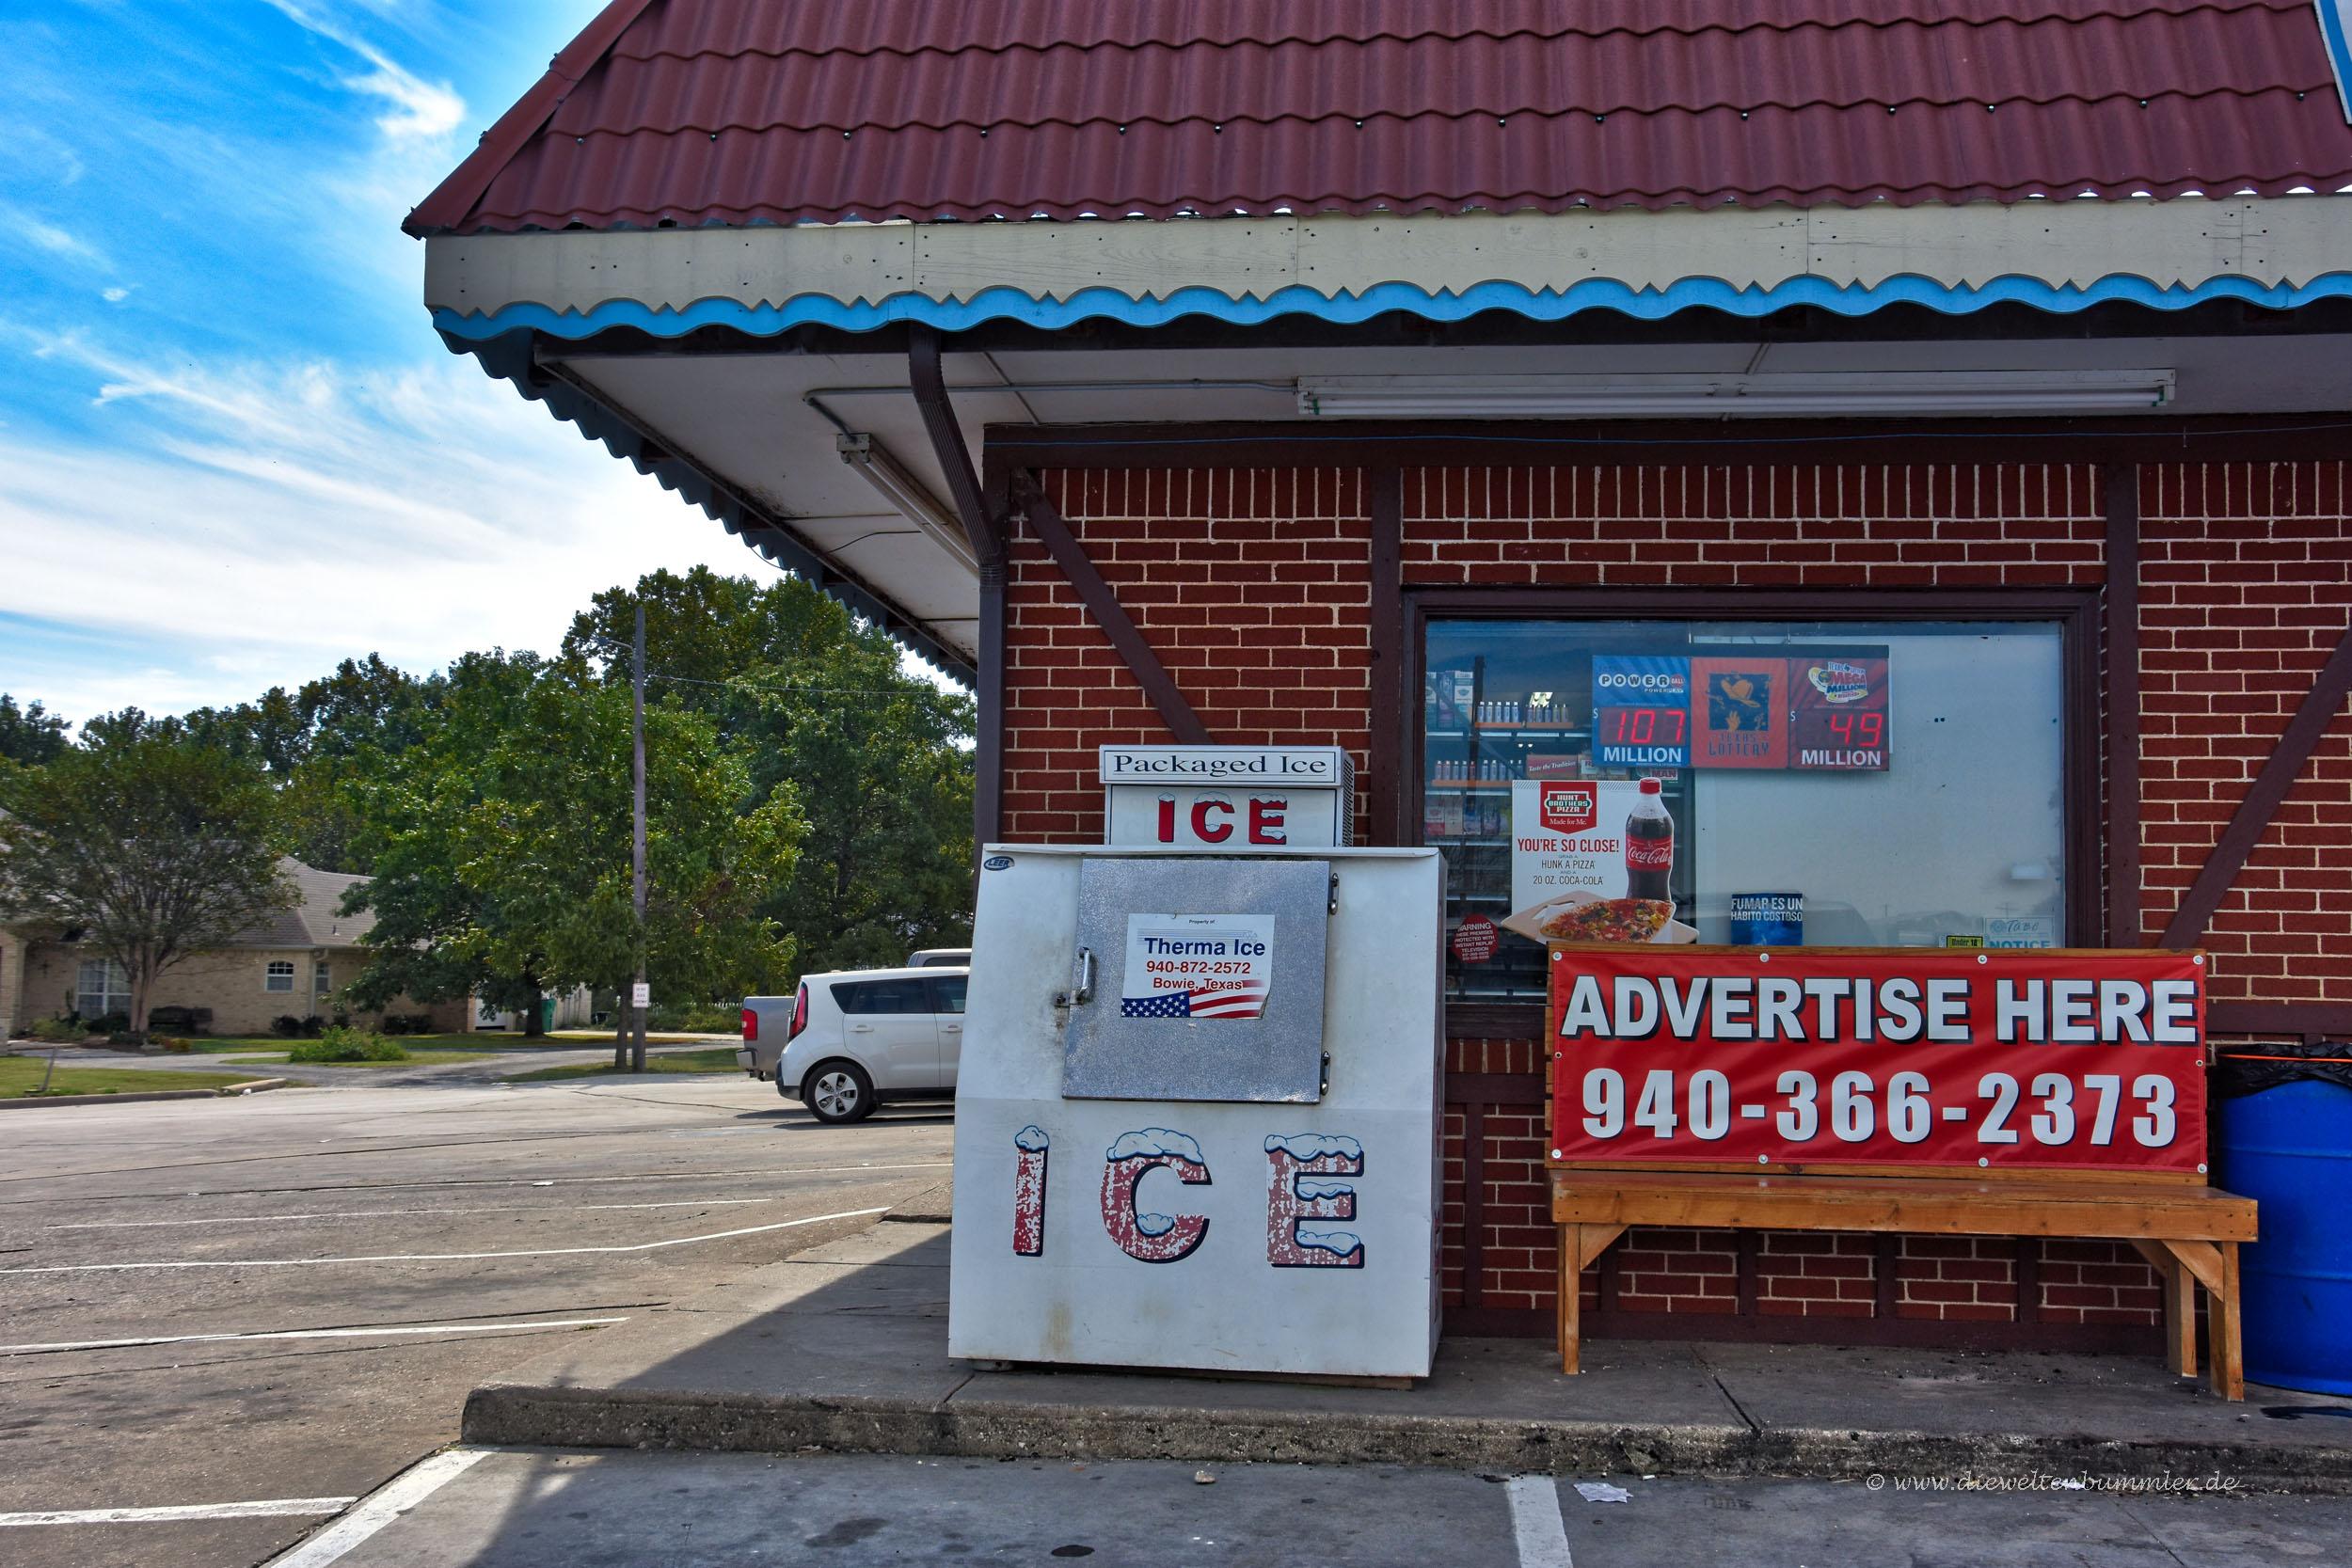 Typische Eismaschine vor einem Shop